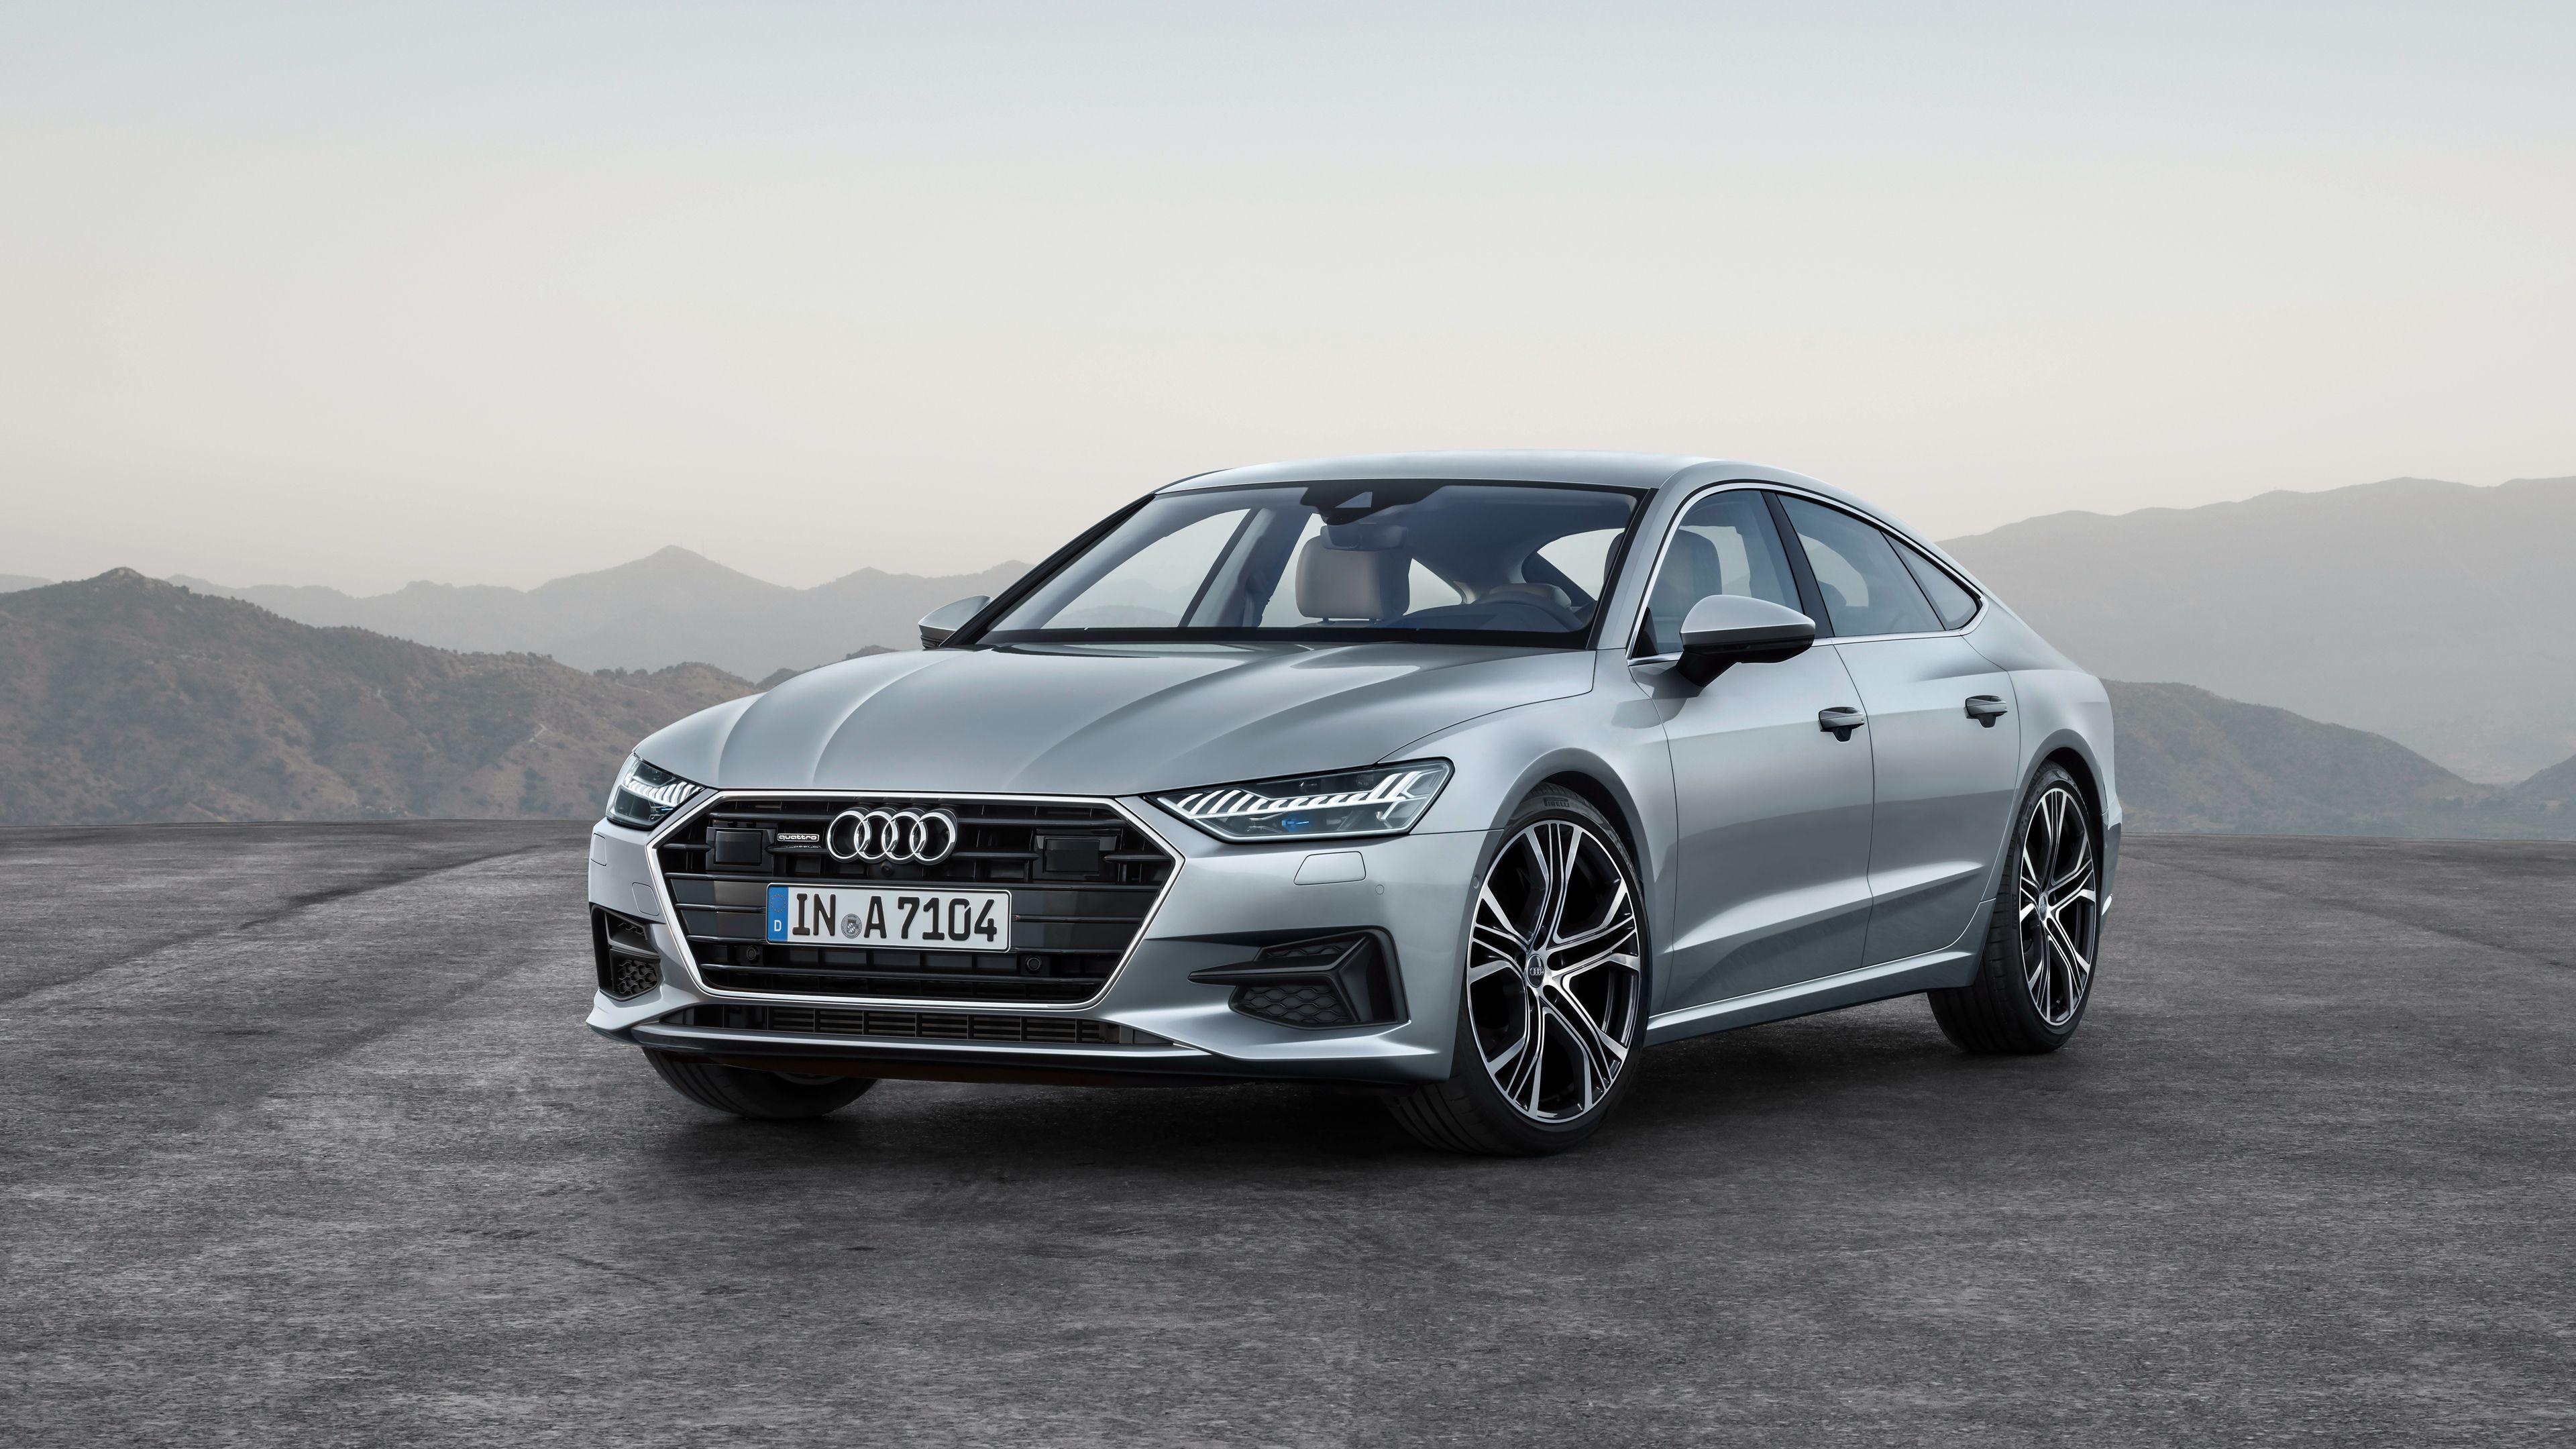 Audi A6 2021 Wallpapers Wallpaper Cave